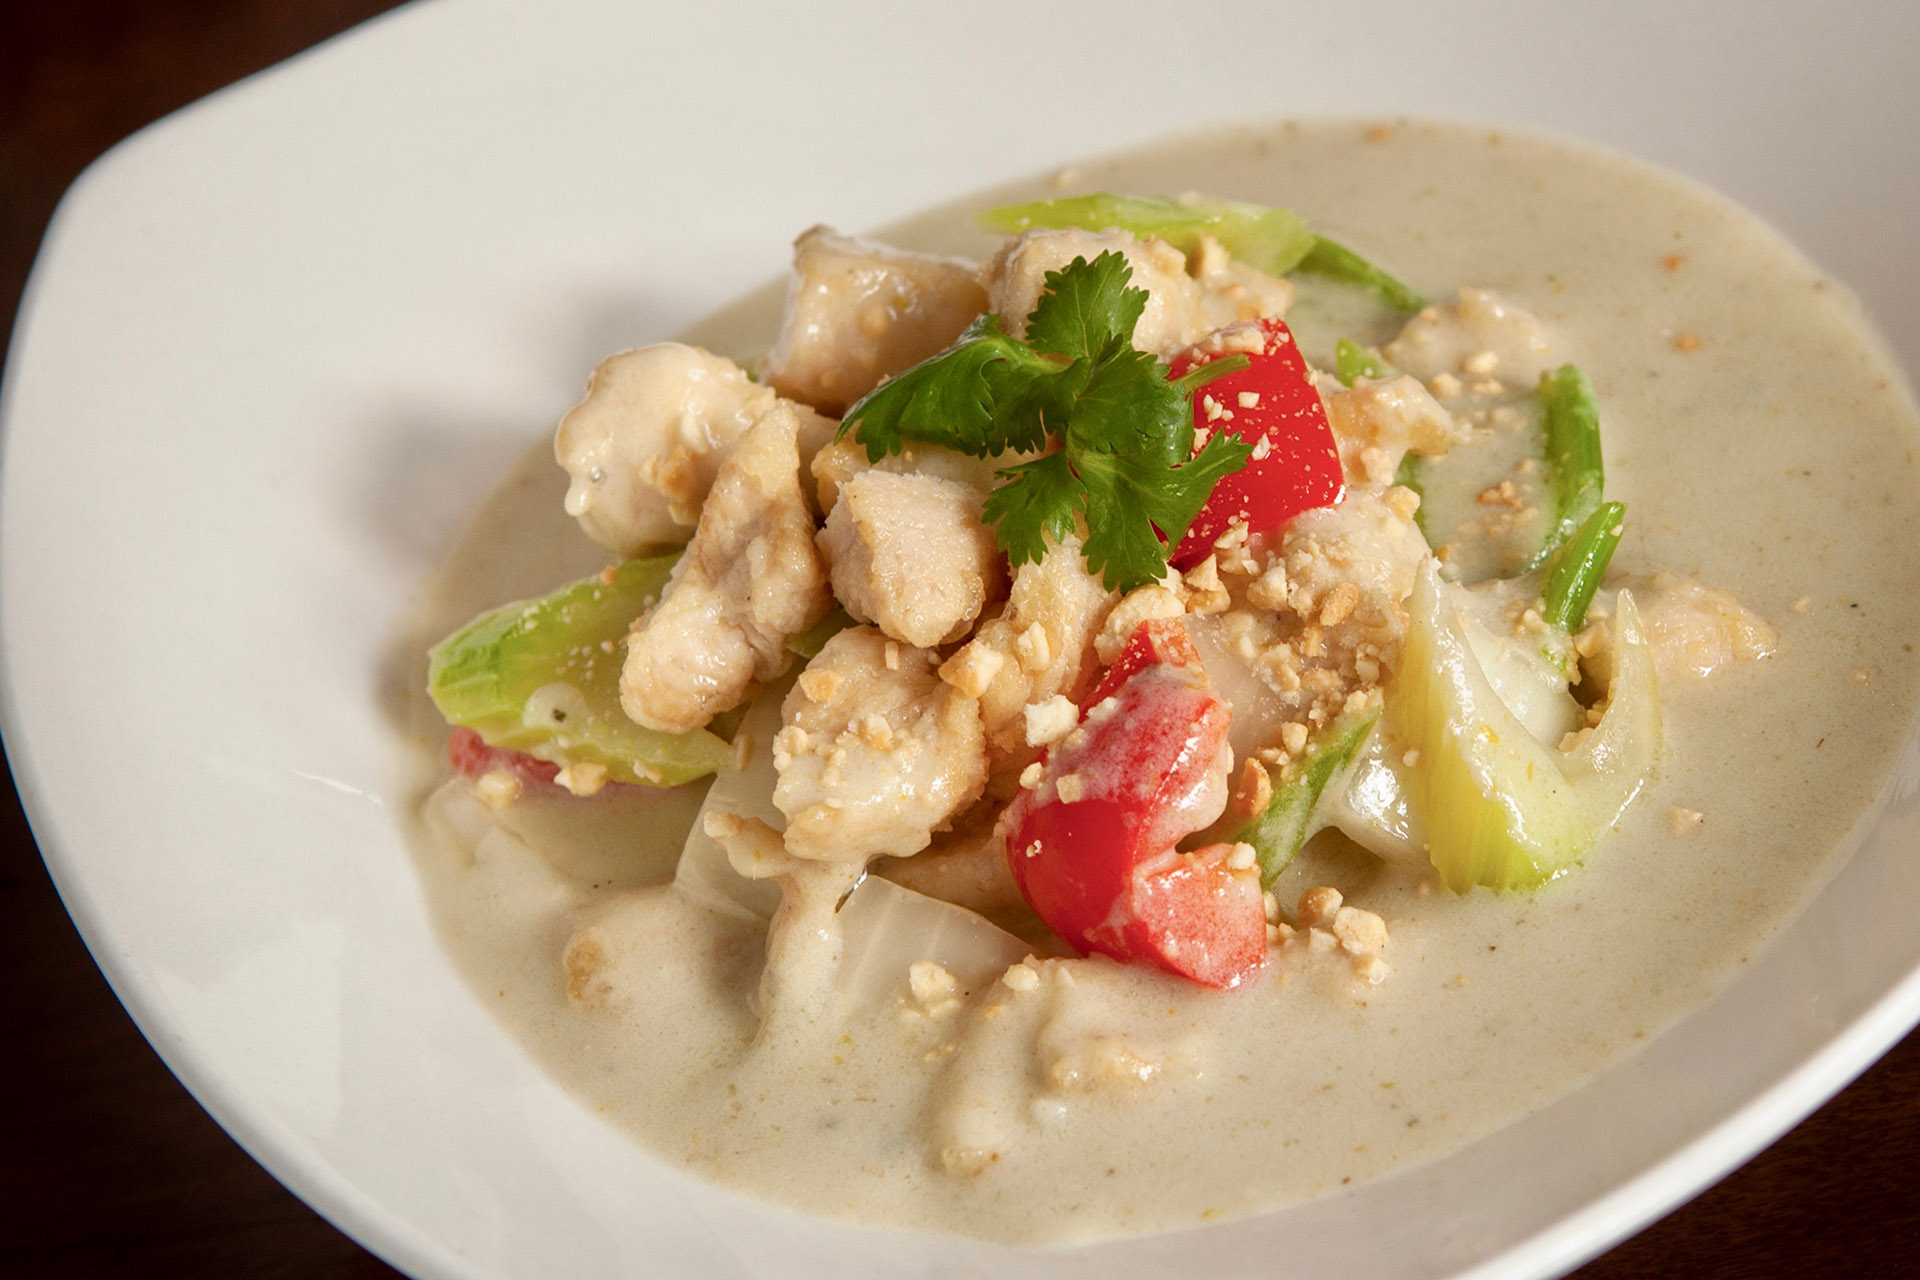 Thai Green Curry Chicken at Lee Chen Asian Bistro